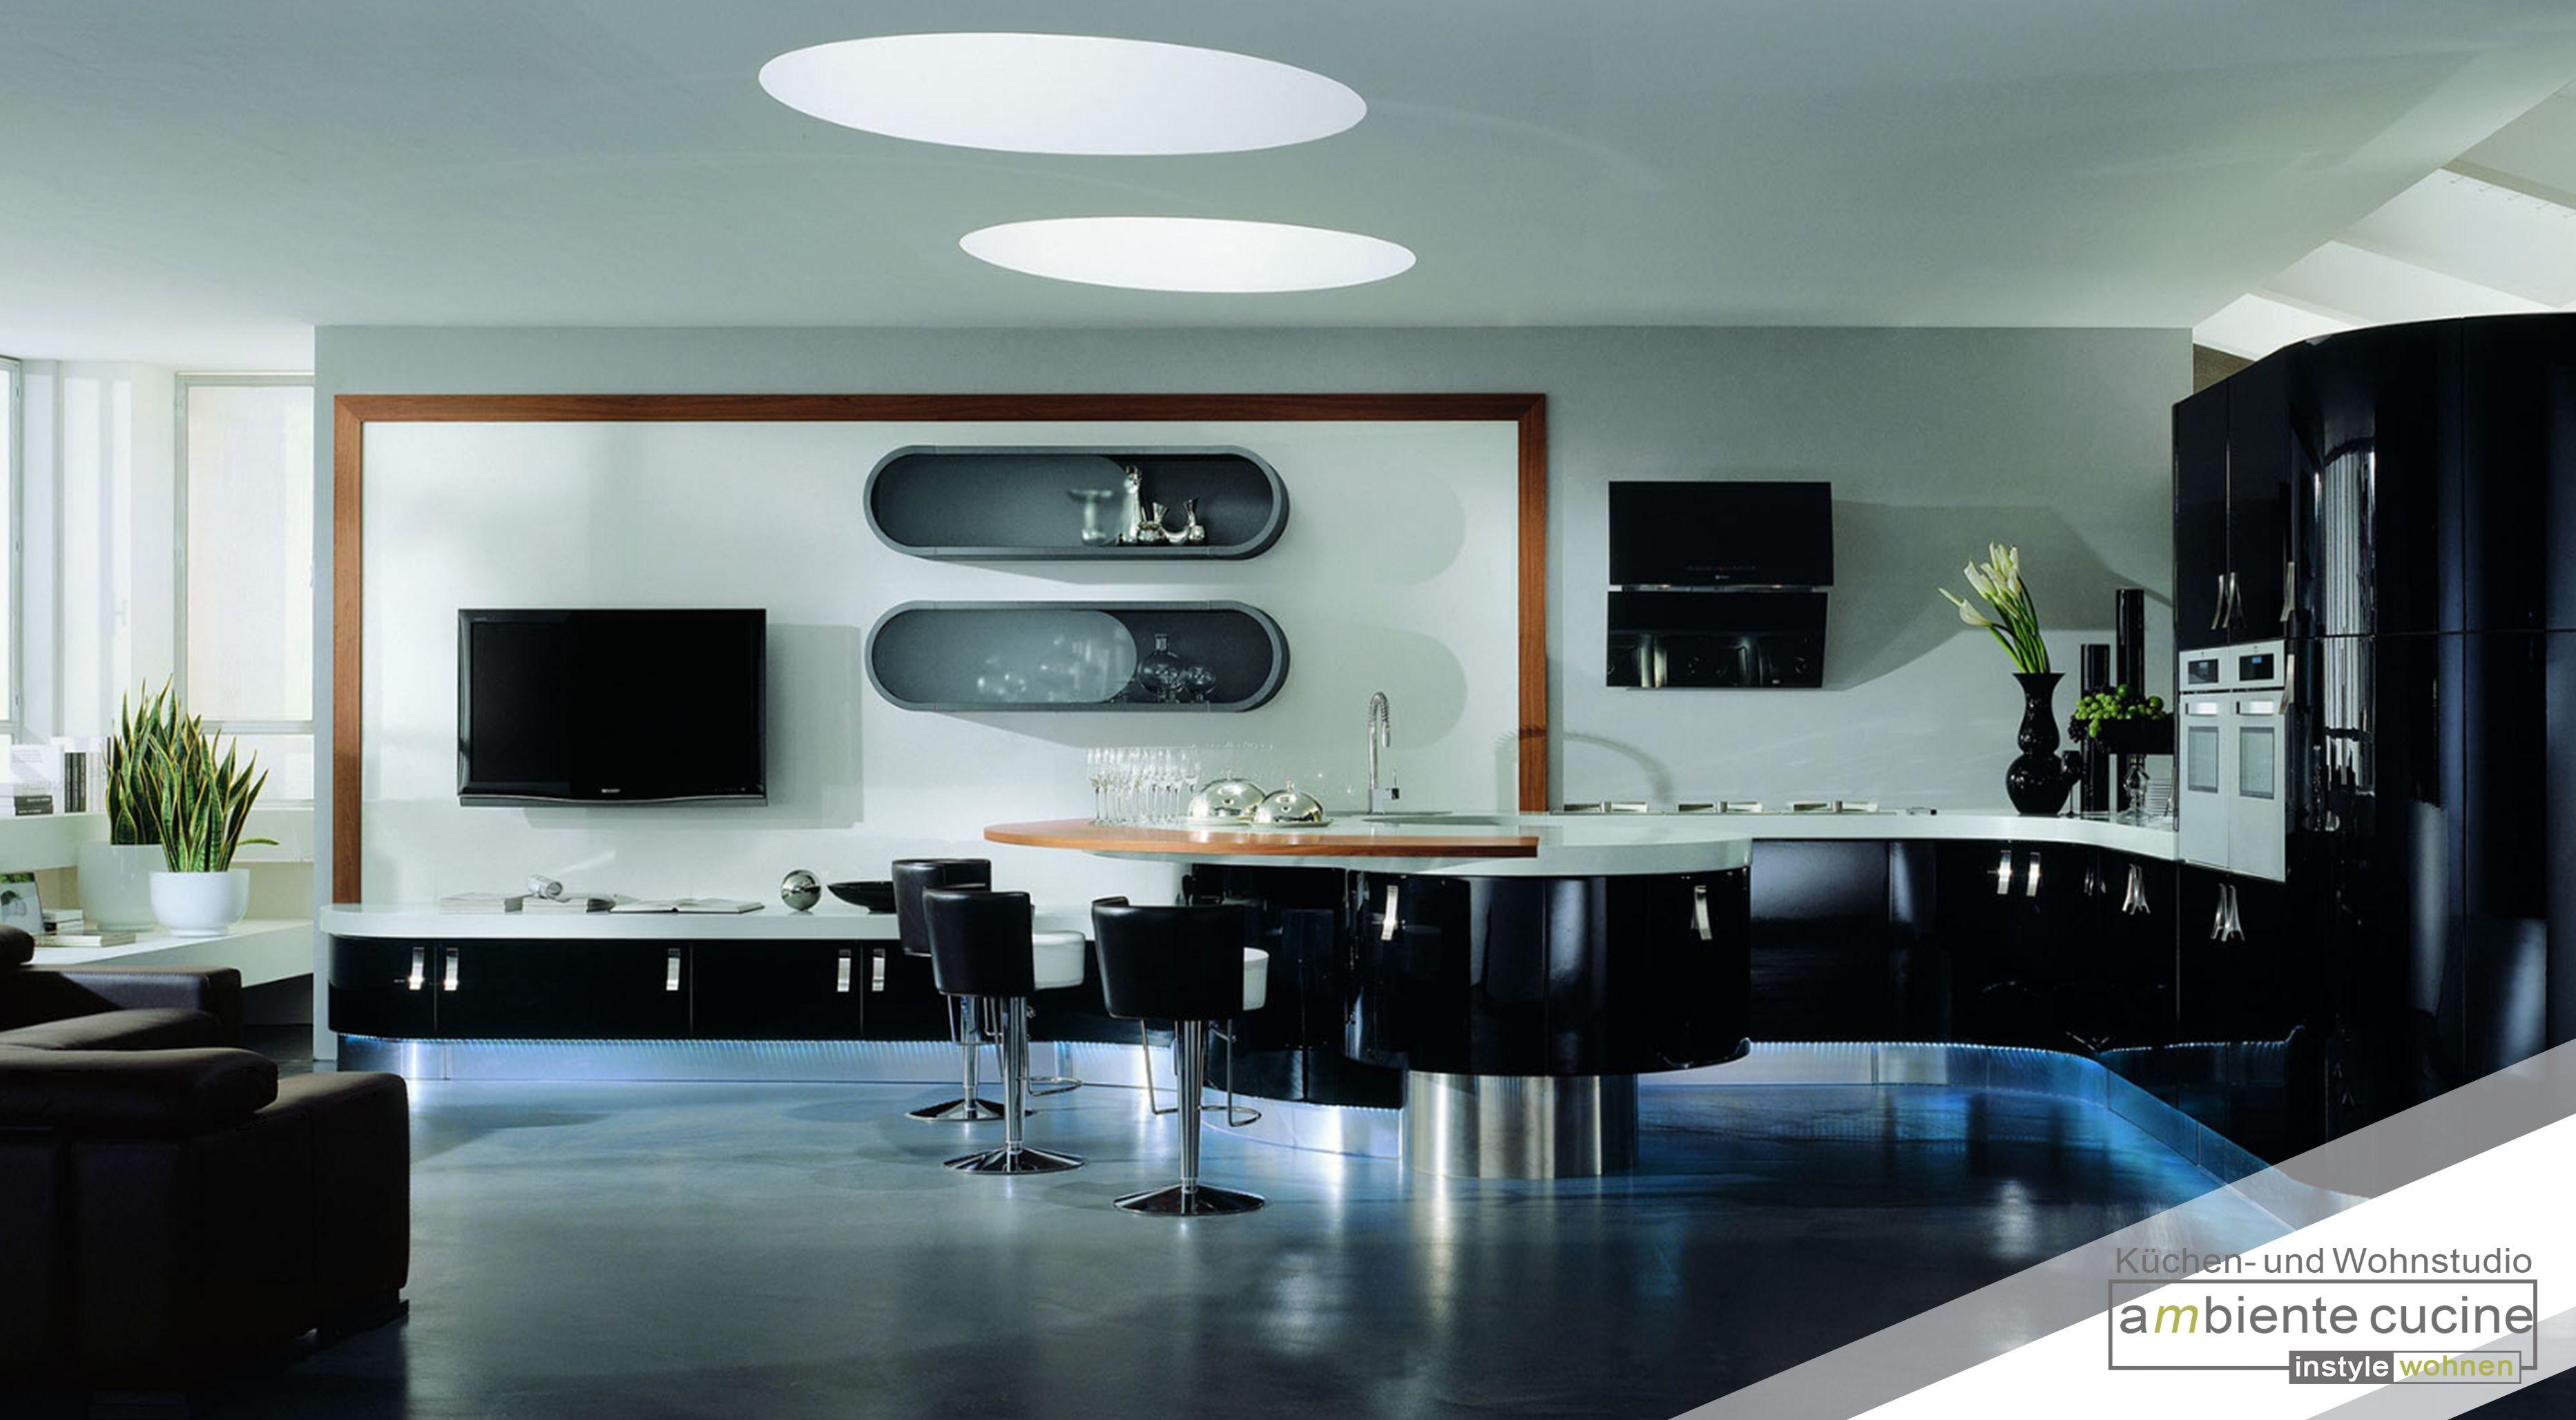 Schwarze Küchen wirken stylish, nobel und elegant. Allerdings kann ...